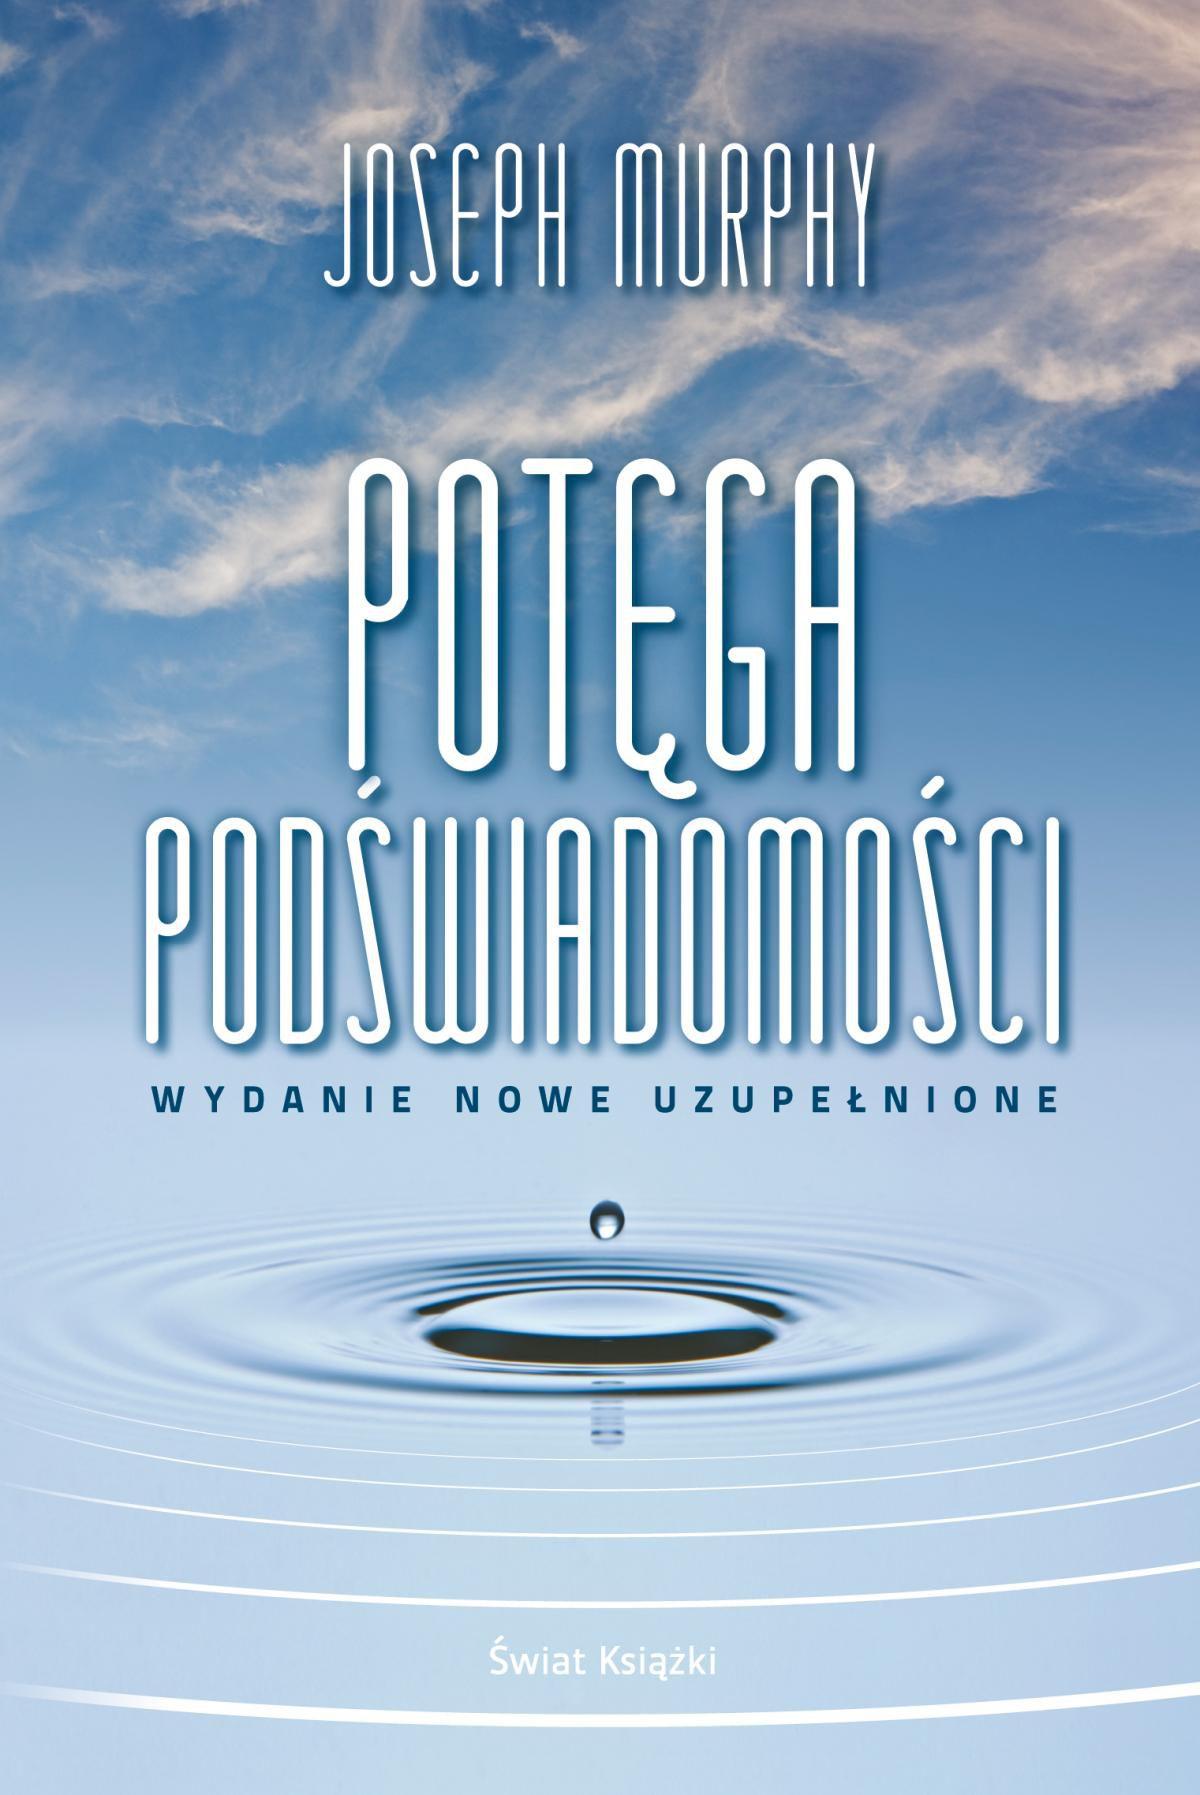 Potęga podświadomości - Ebook (Książka EPUB) do pobrania w formacie EPUB